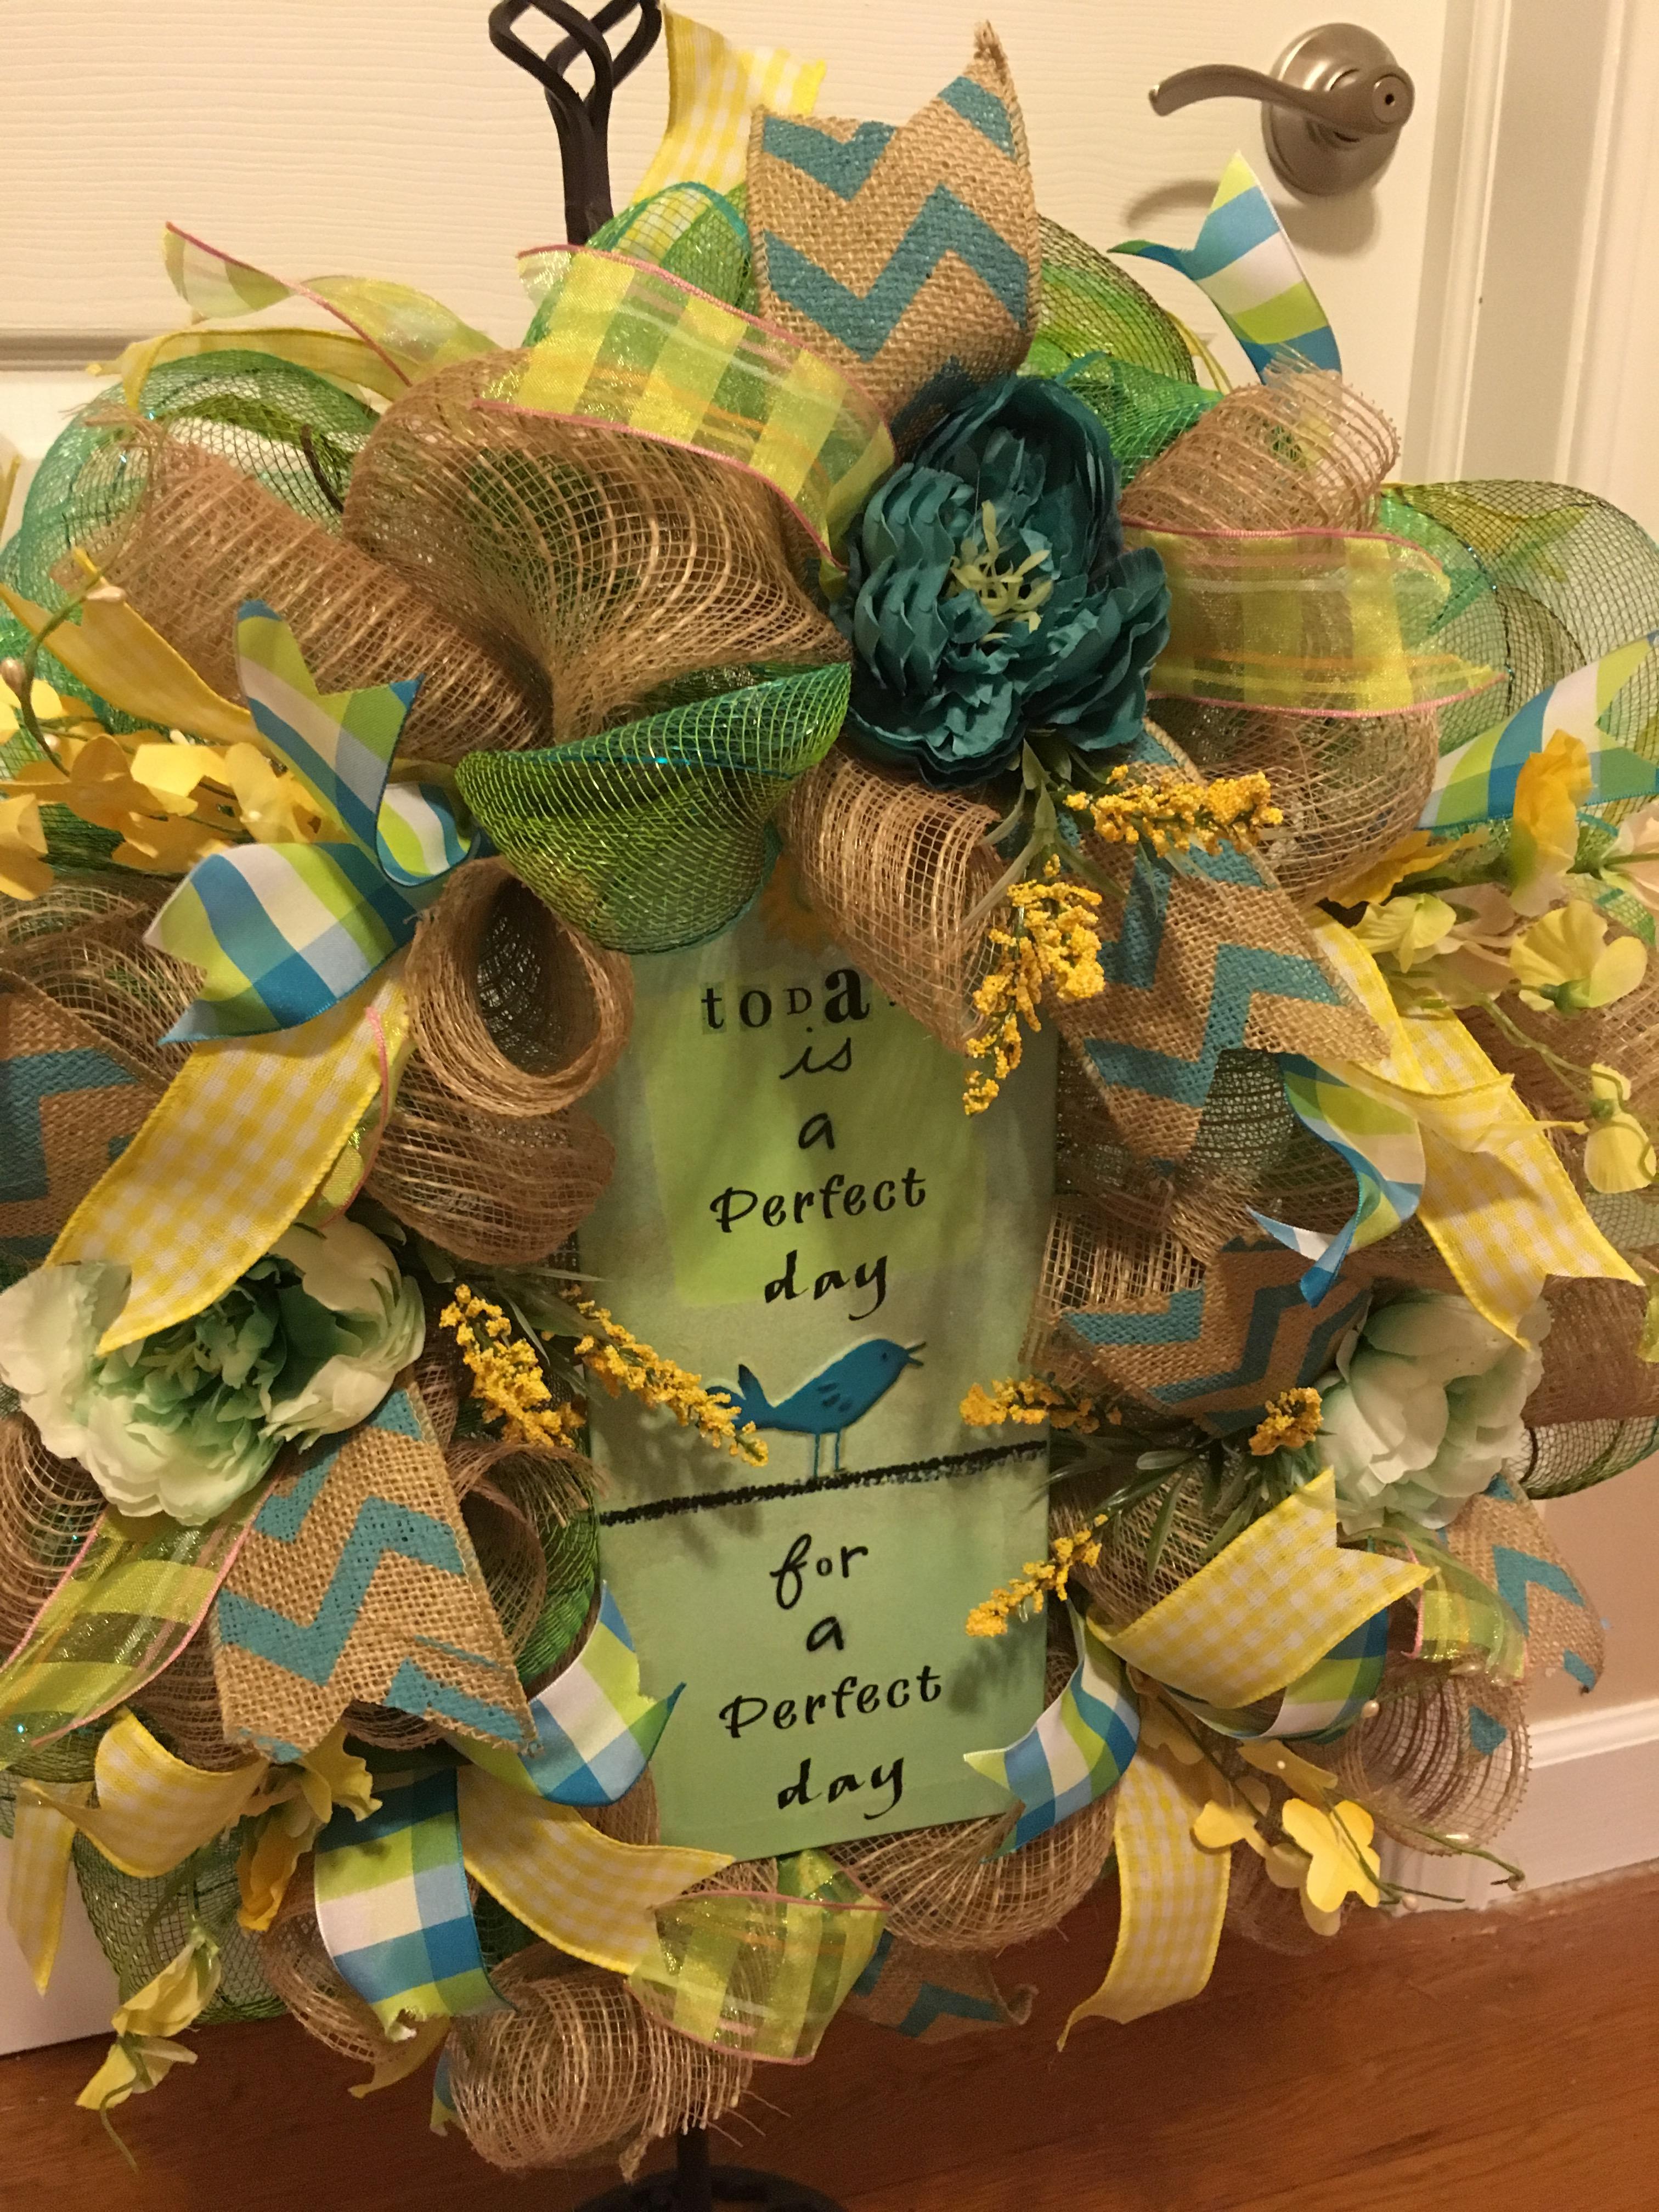 Everyday wreath welcome wreath front door wreath home decor img0624 img0482 img0483 img0484 rubansaba